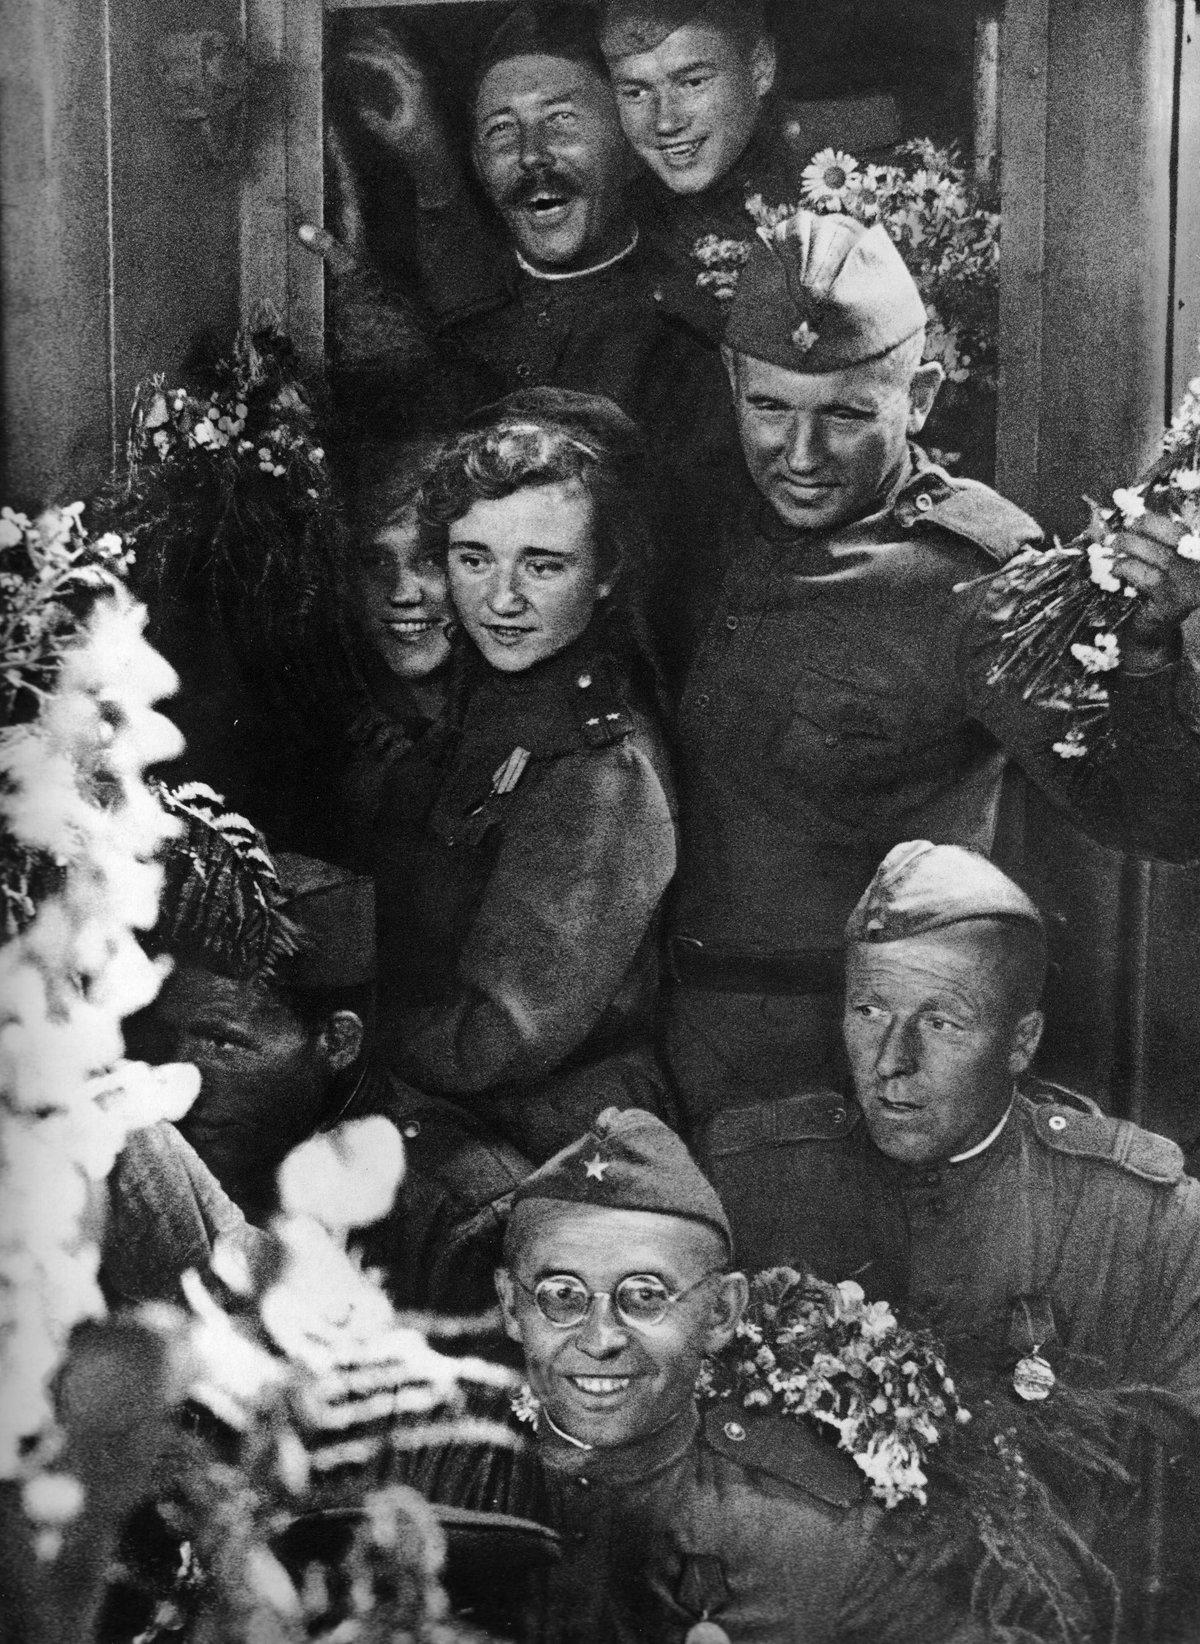 Картинки великая отечественная война 1941-1945 победа, тесты